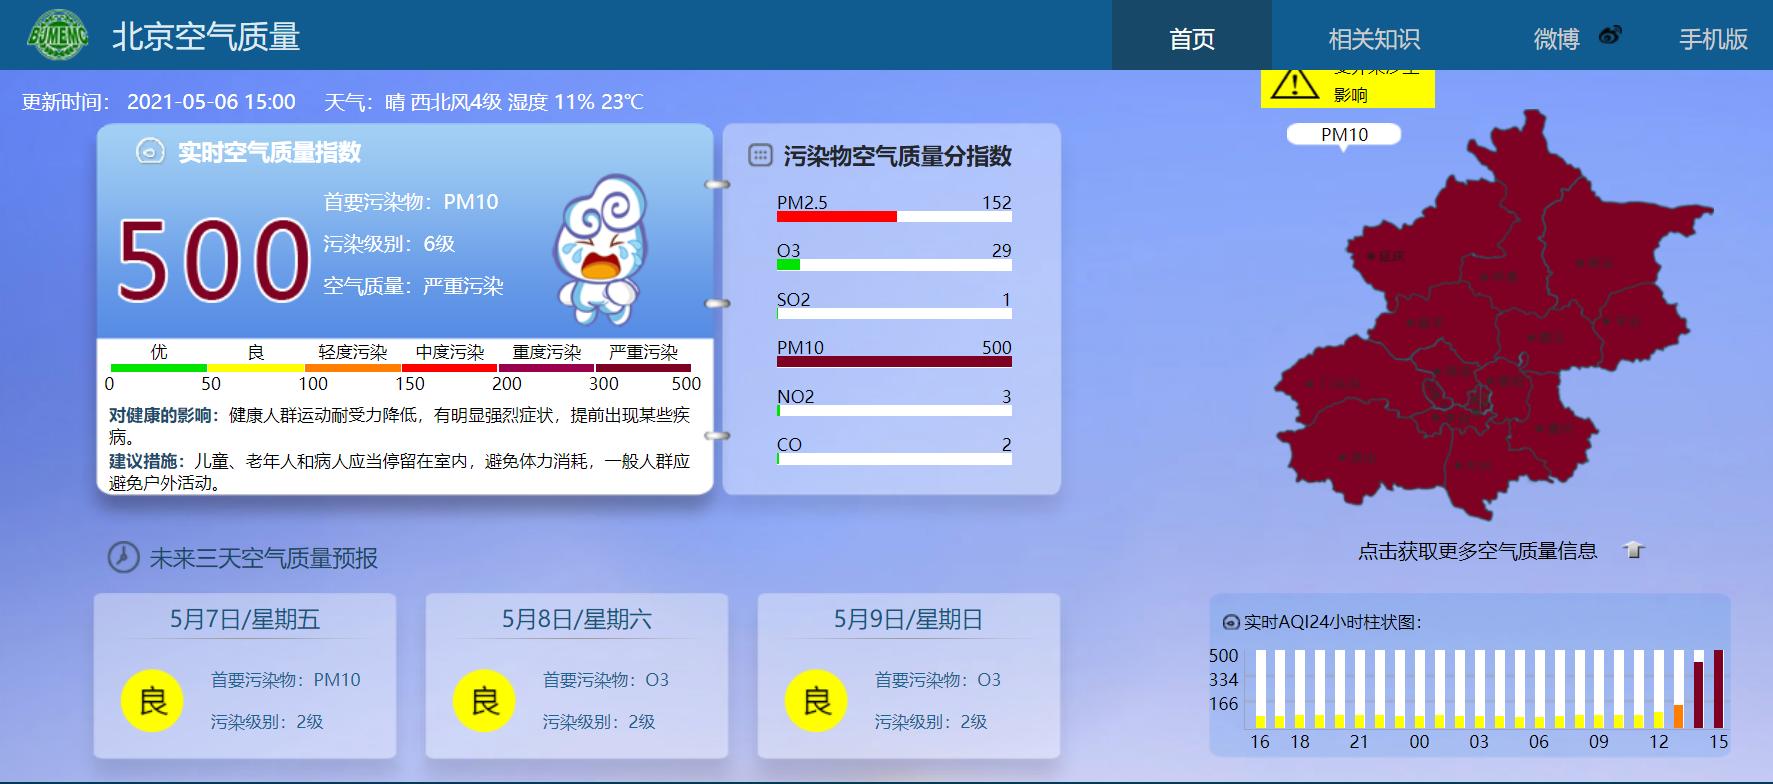 北京发布沙尘暴蓝色预警 或现重度污染 为何今年沙尘大风天气频发?